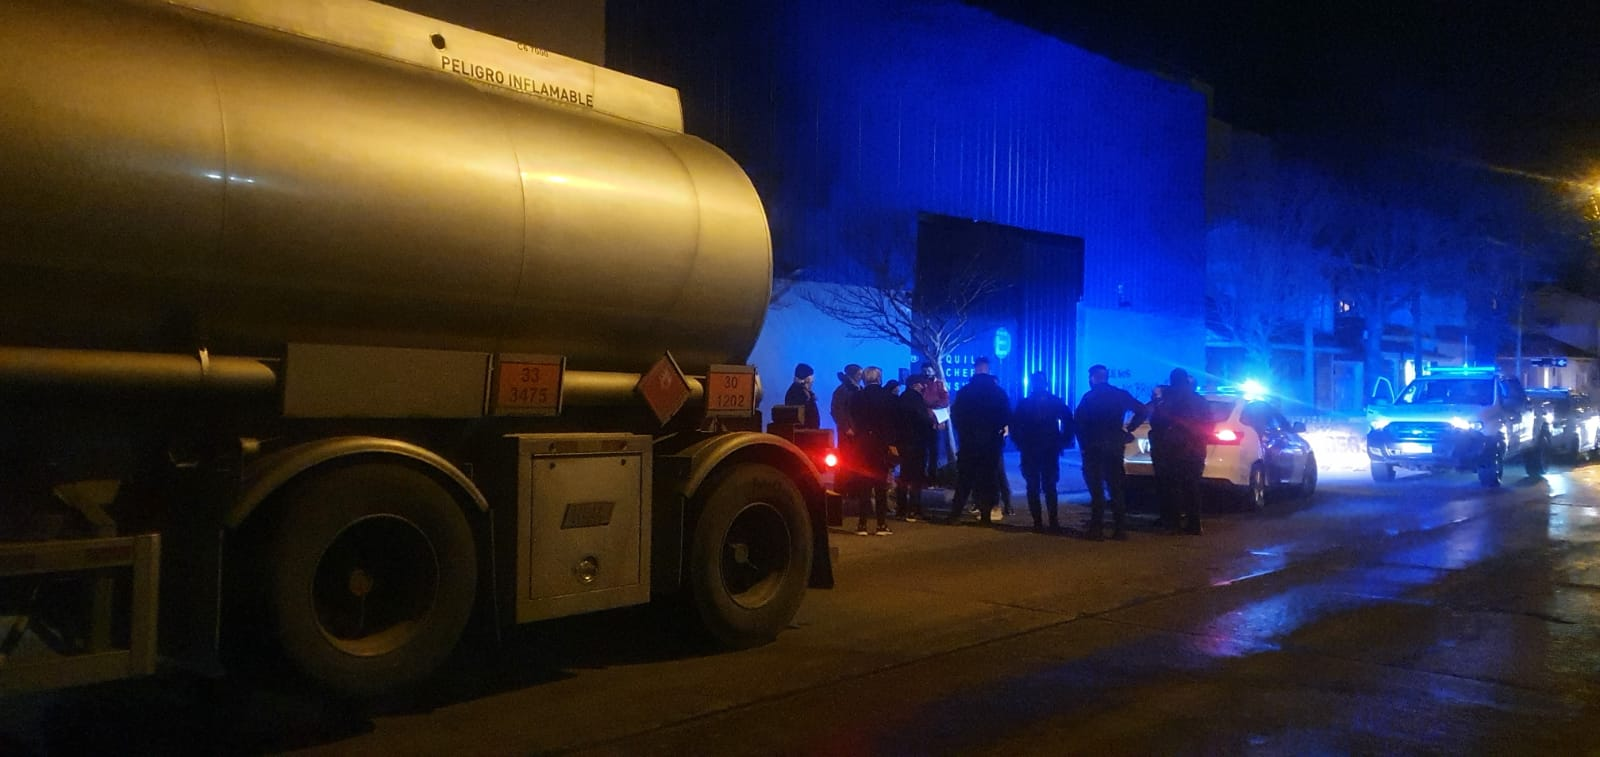 Vecinos del barrio Chauvín enojados con el dueño de un garage, intervino la policía